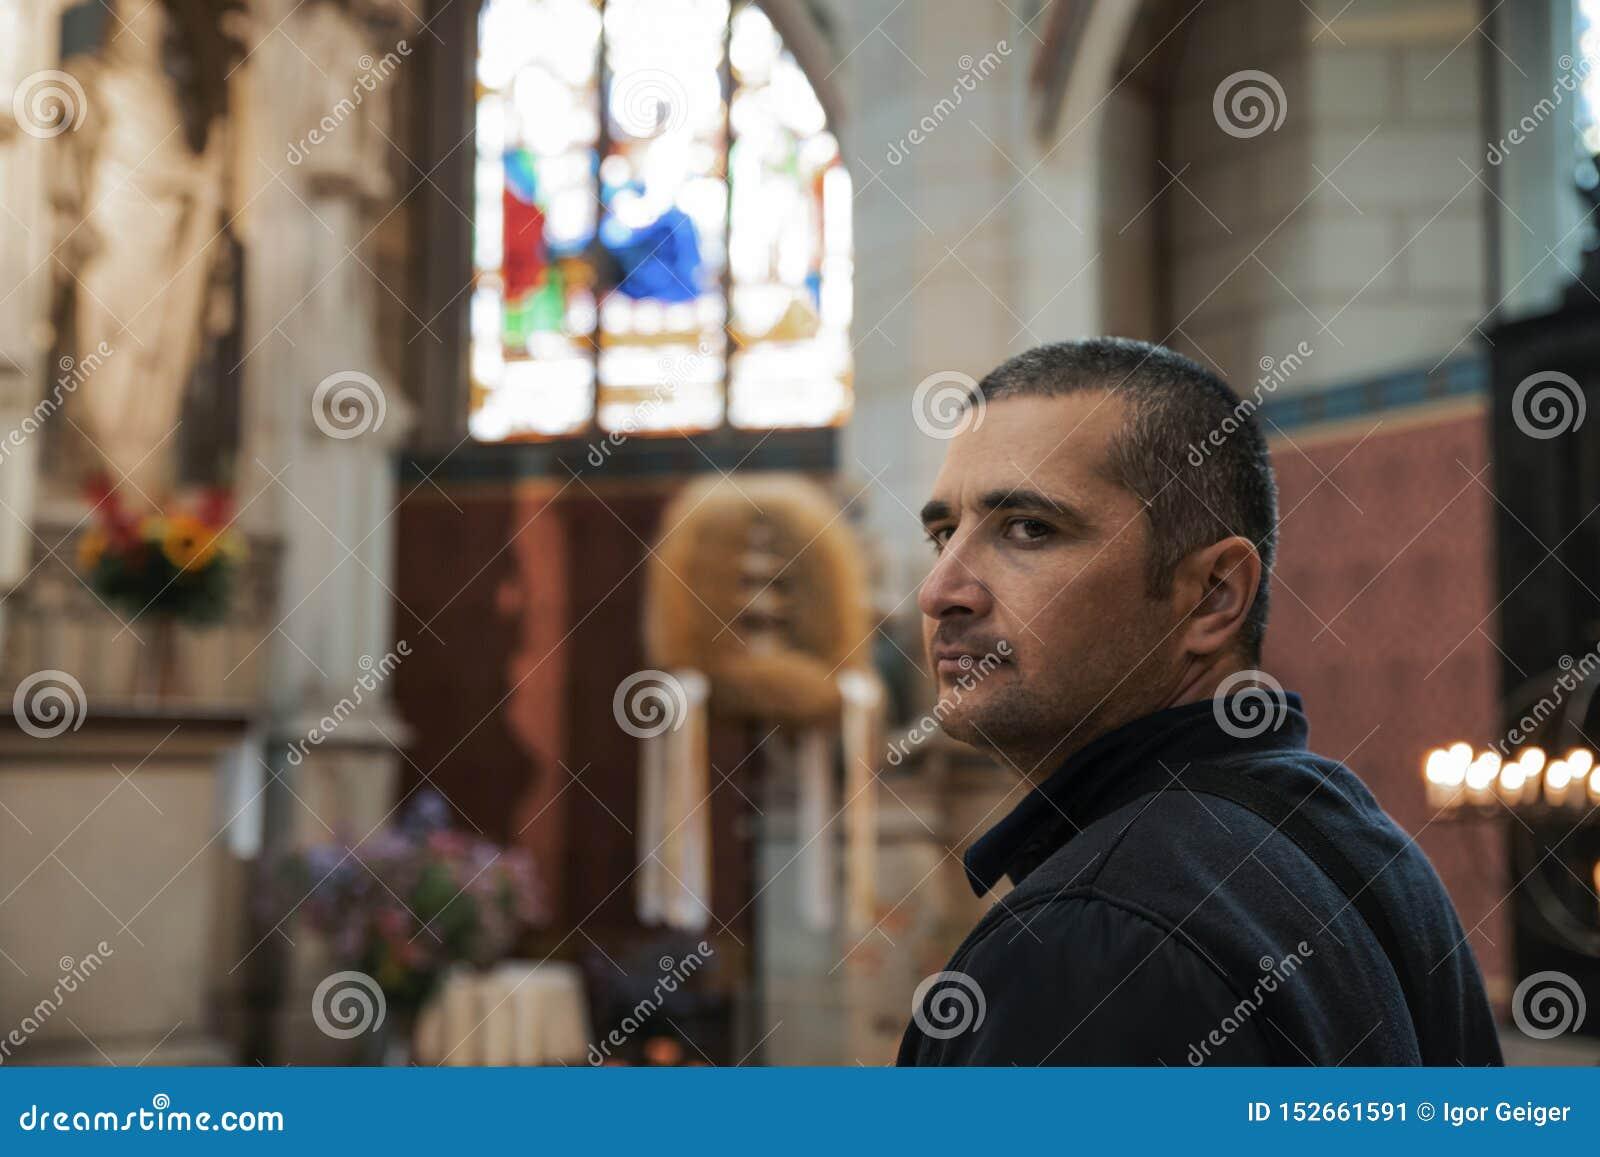 Jeune homme aux cheveux noirs dans d une église catholique des vues avec enthousiasme